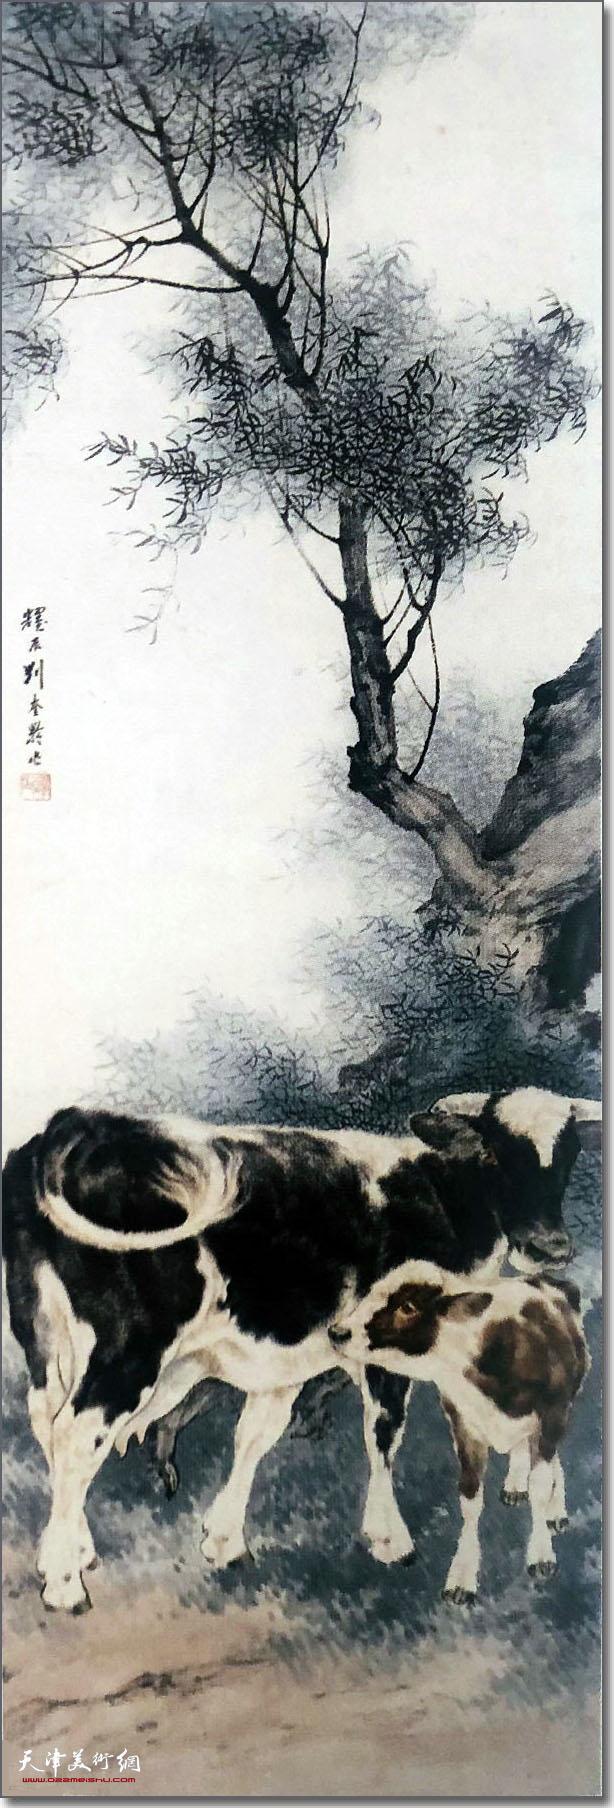 刘奎龄作品:《四条屏之牛》 (水墨画)